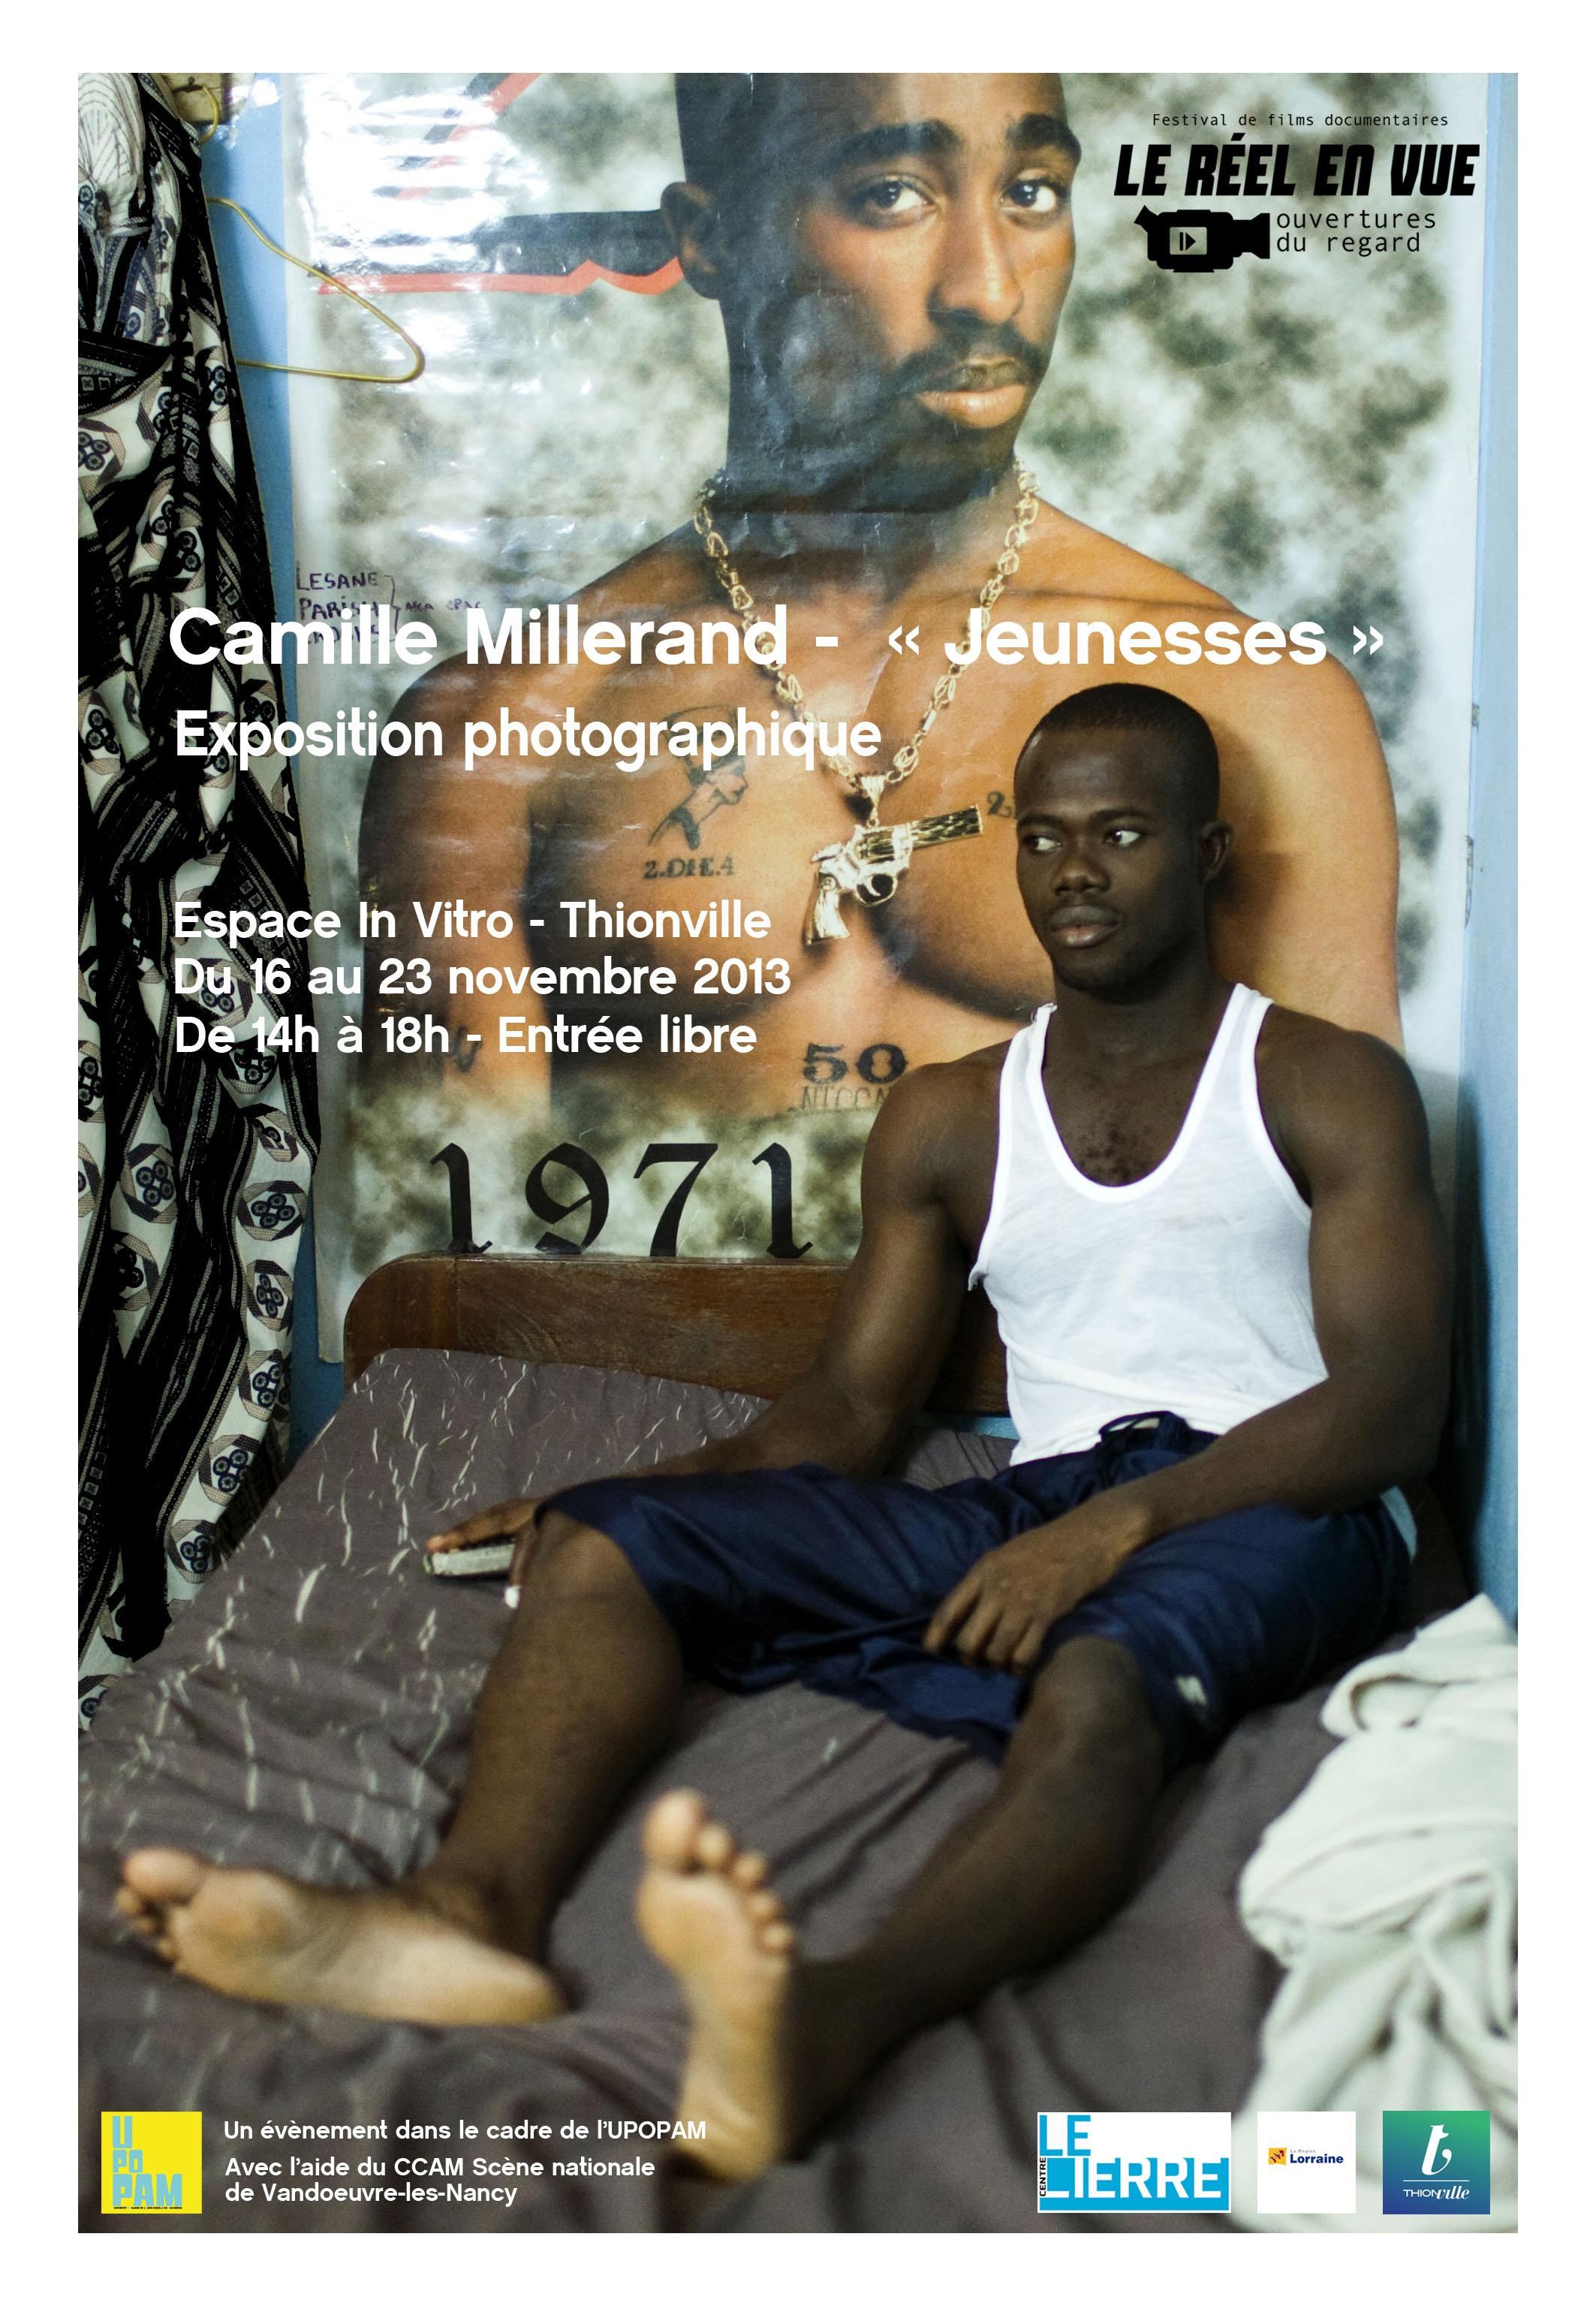 Exposition de mon travail sur la jeunesse réalisé en Algérie, Côte d'Ivoire, en France ( Vosges) et en Roumanie dans le cadre du festival Le Réel en Vue à Thionville.